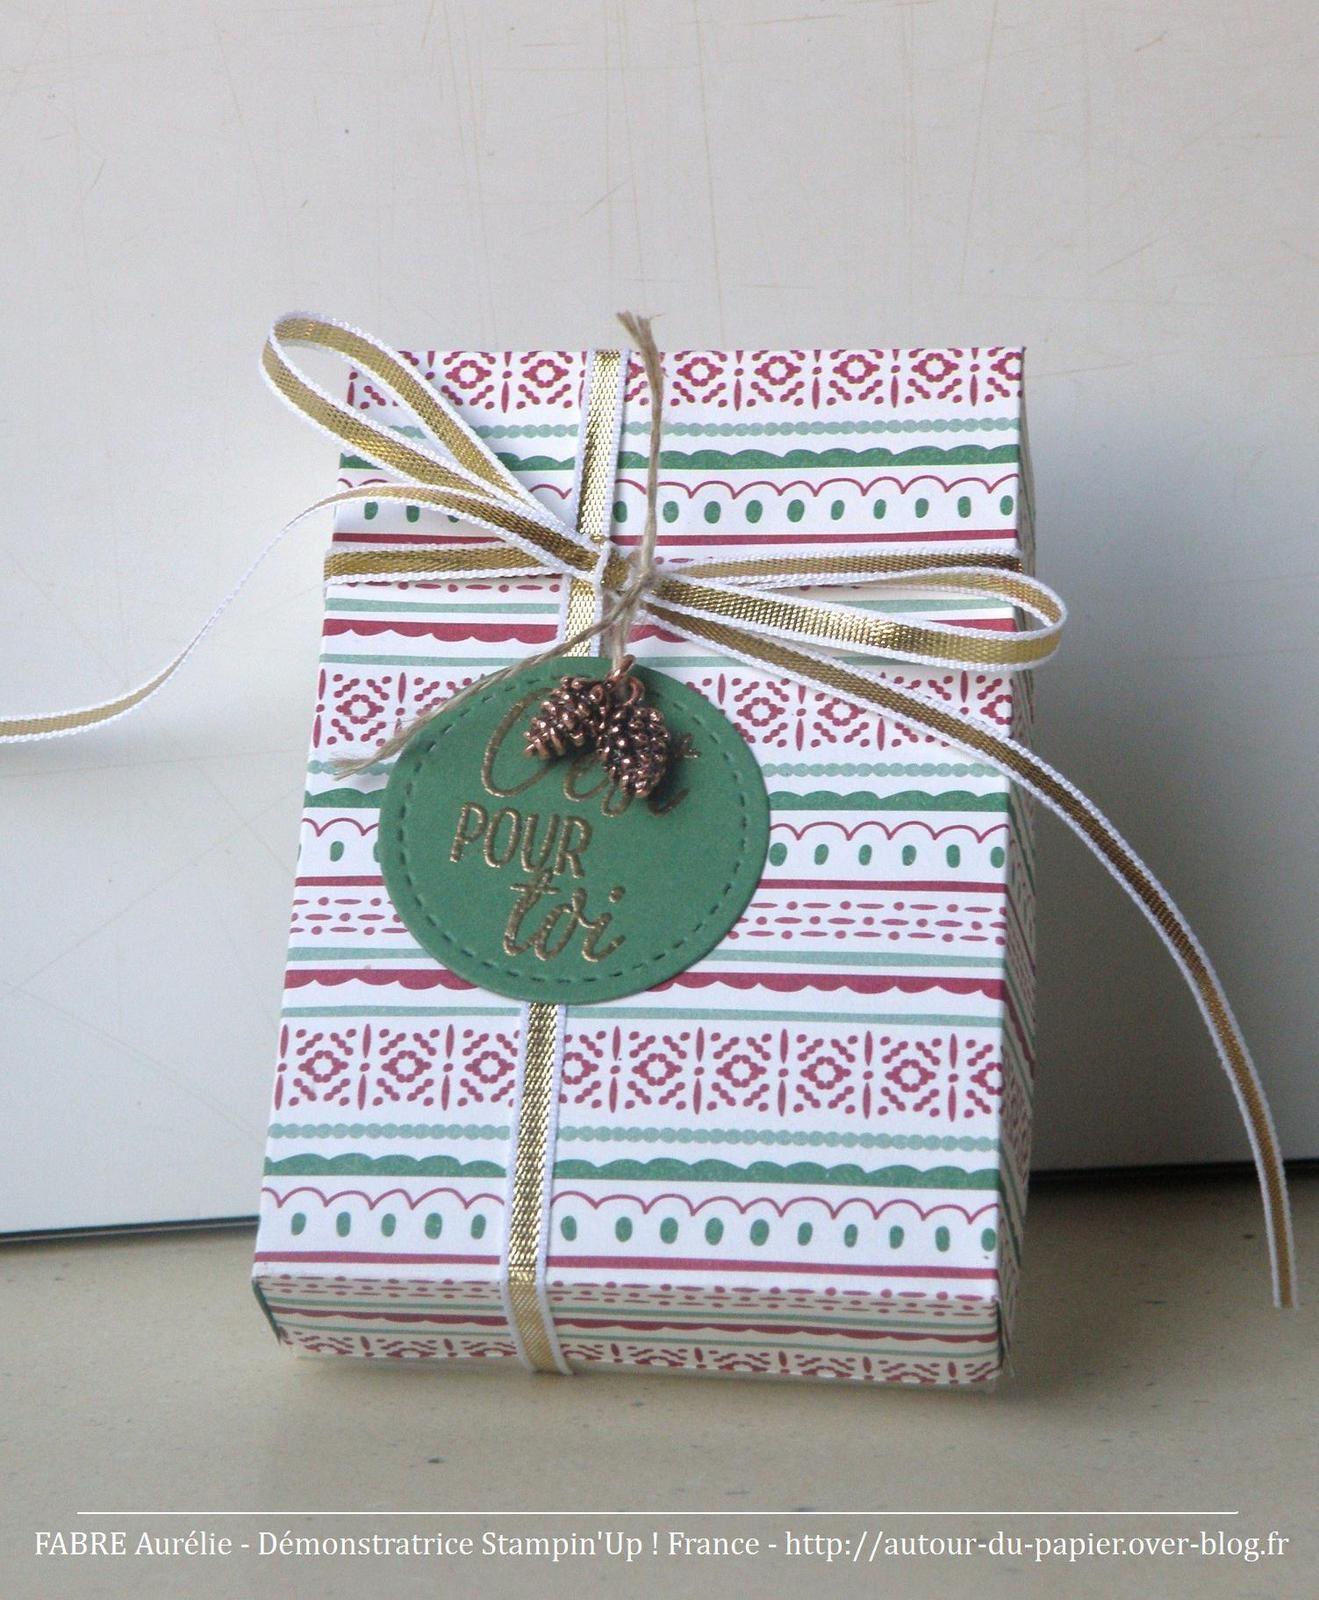 Papier Très Vanille, Spécialité Pour Noël, Vert Jardin. Embossage Or. Ruban or 1/8, fil de lin naturel et Embellissements Pommes de pin